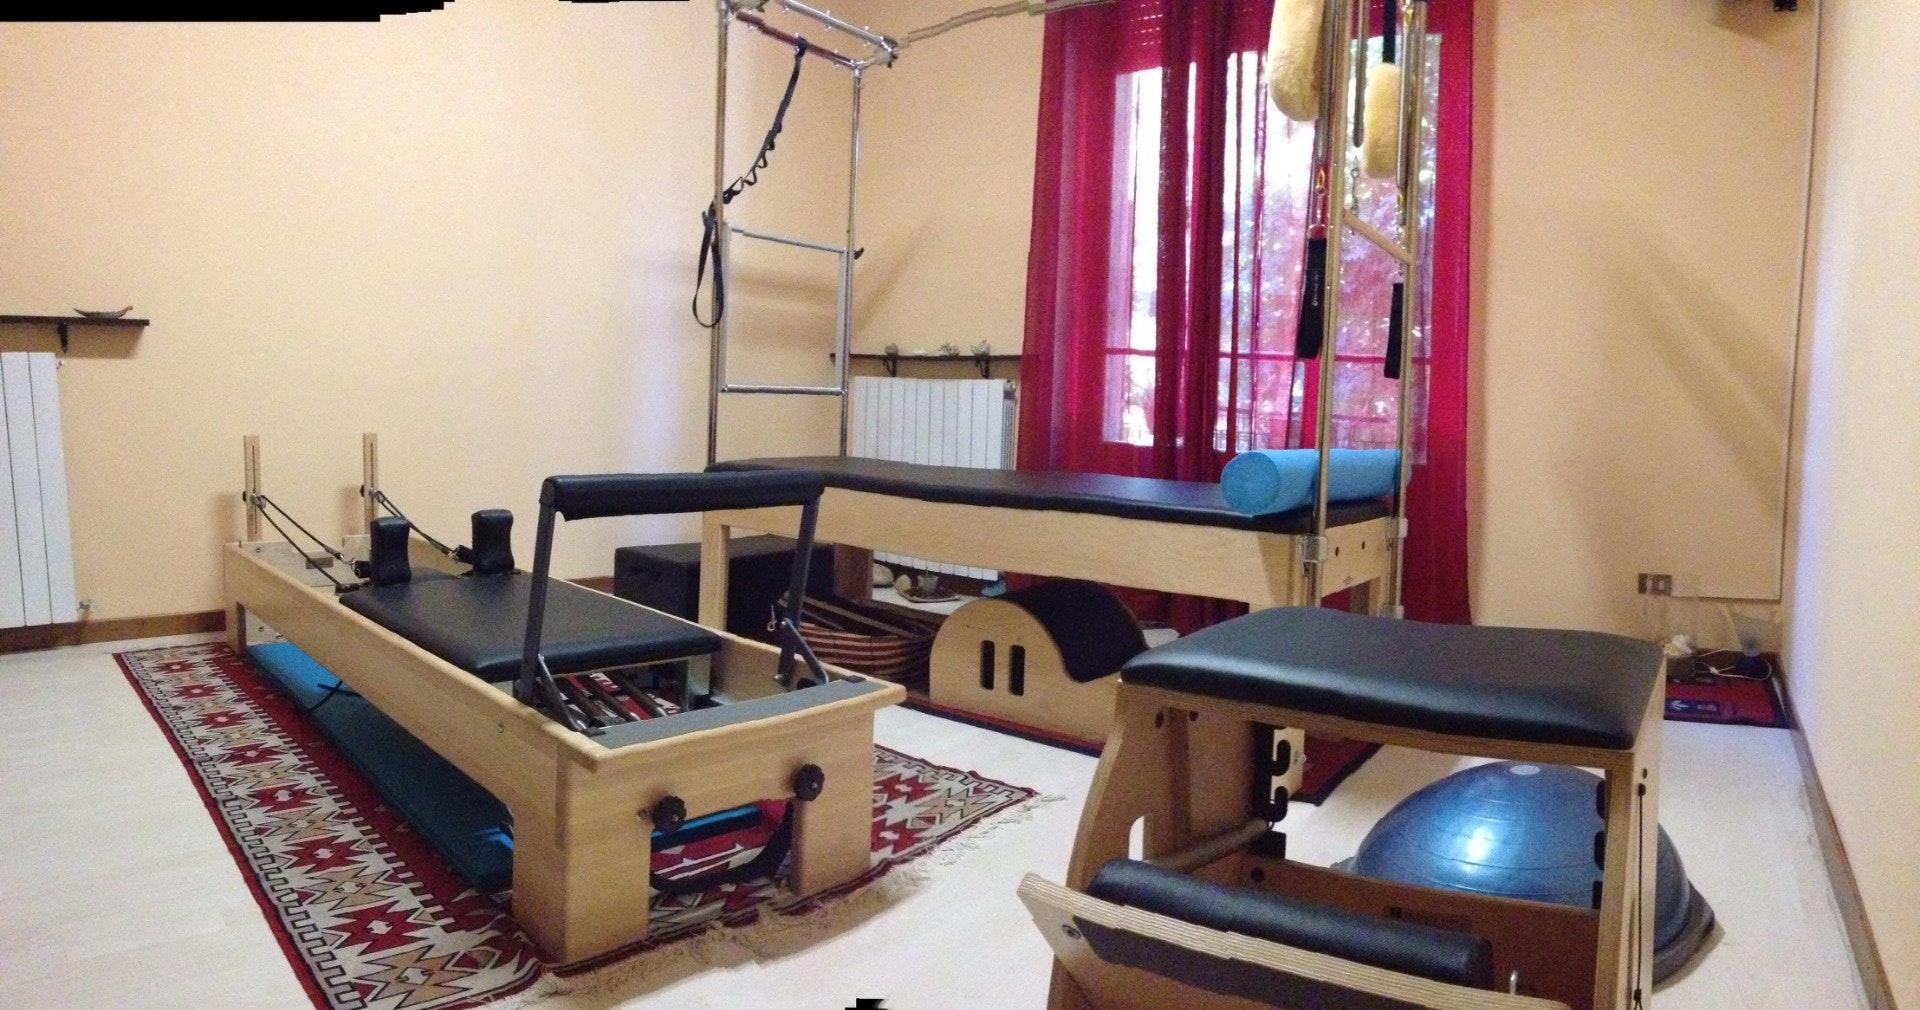 Foto 4 Offerta Gymnasium Belotti Bovisio Masciago {2}